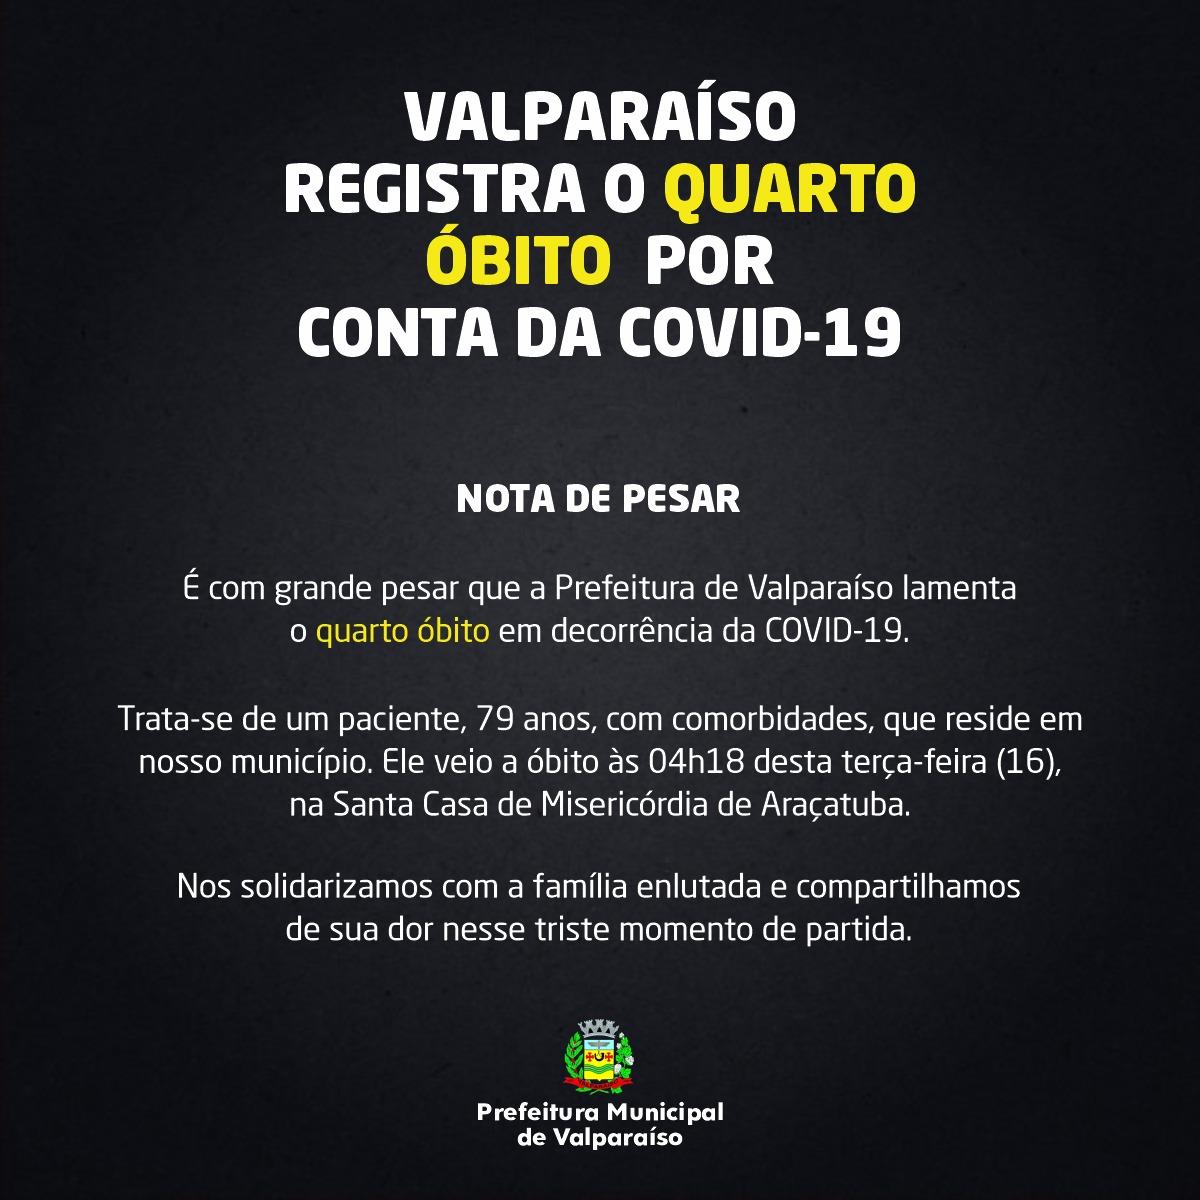 WhatsApp Image 2020-06-16 at 10.24.12